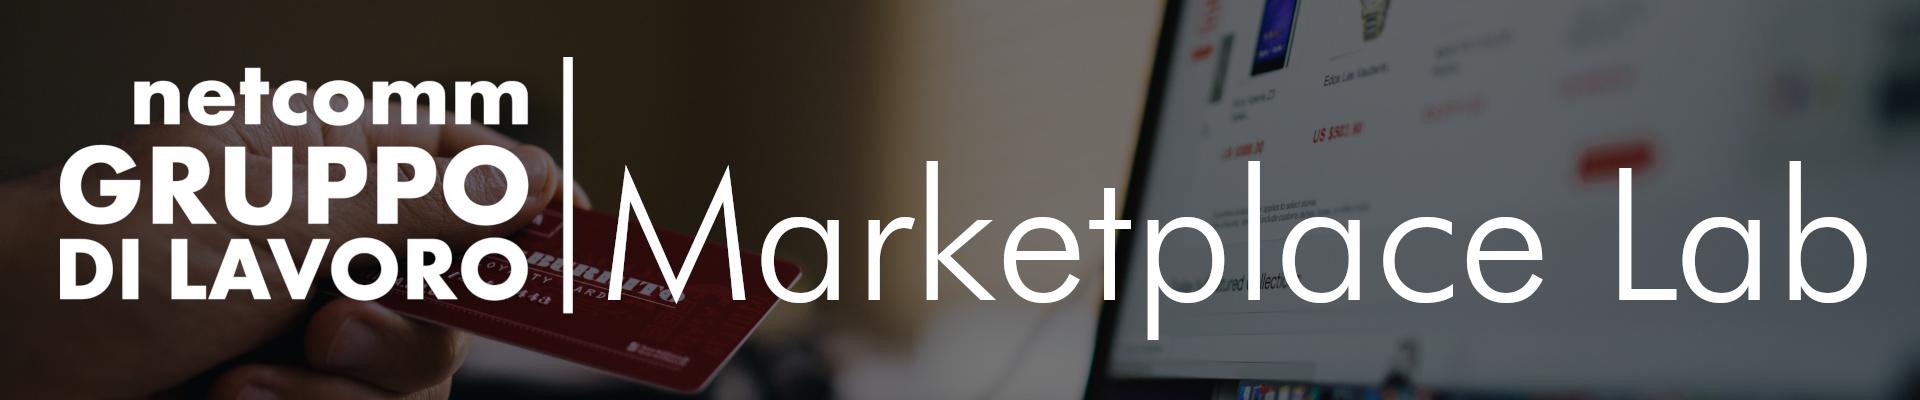 Gruppo di Lavoro | Marketplace Lab - 10 Febbraio 2021